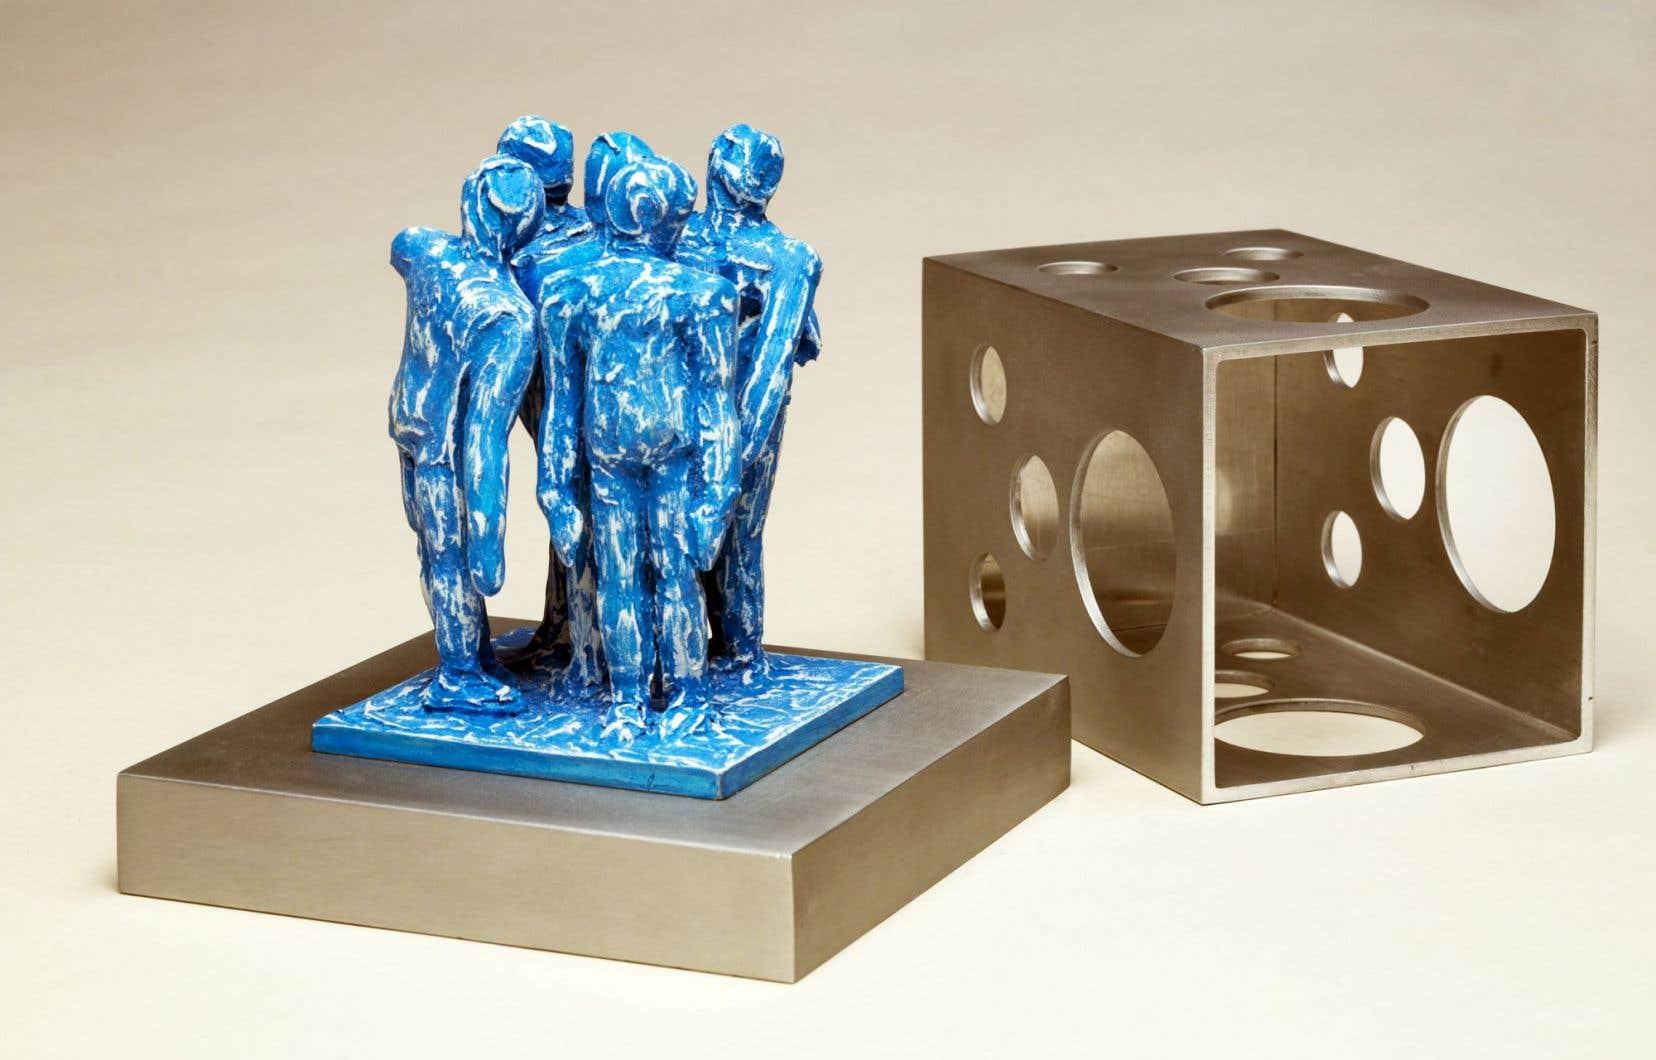 Tête de robot, 2014, aluminium, bois, peinture